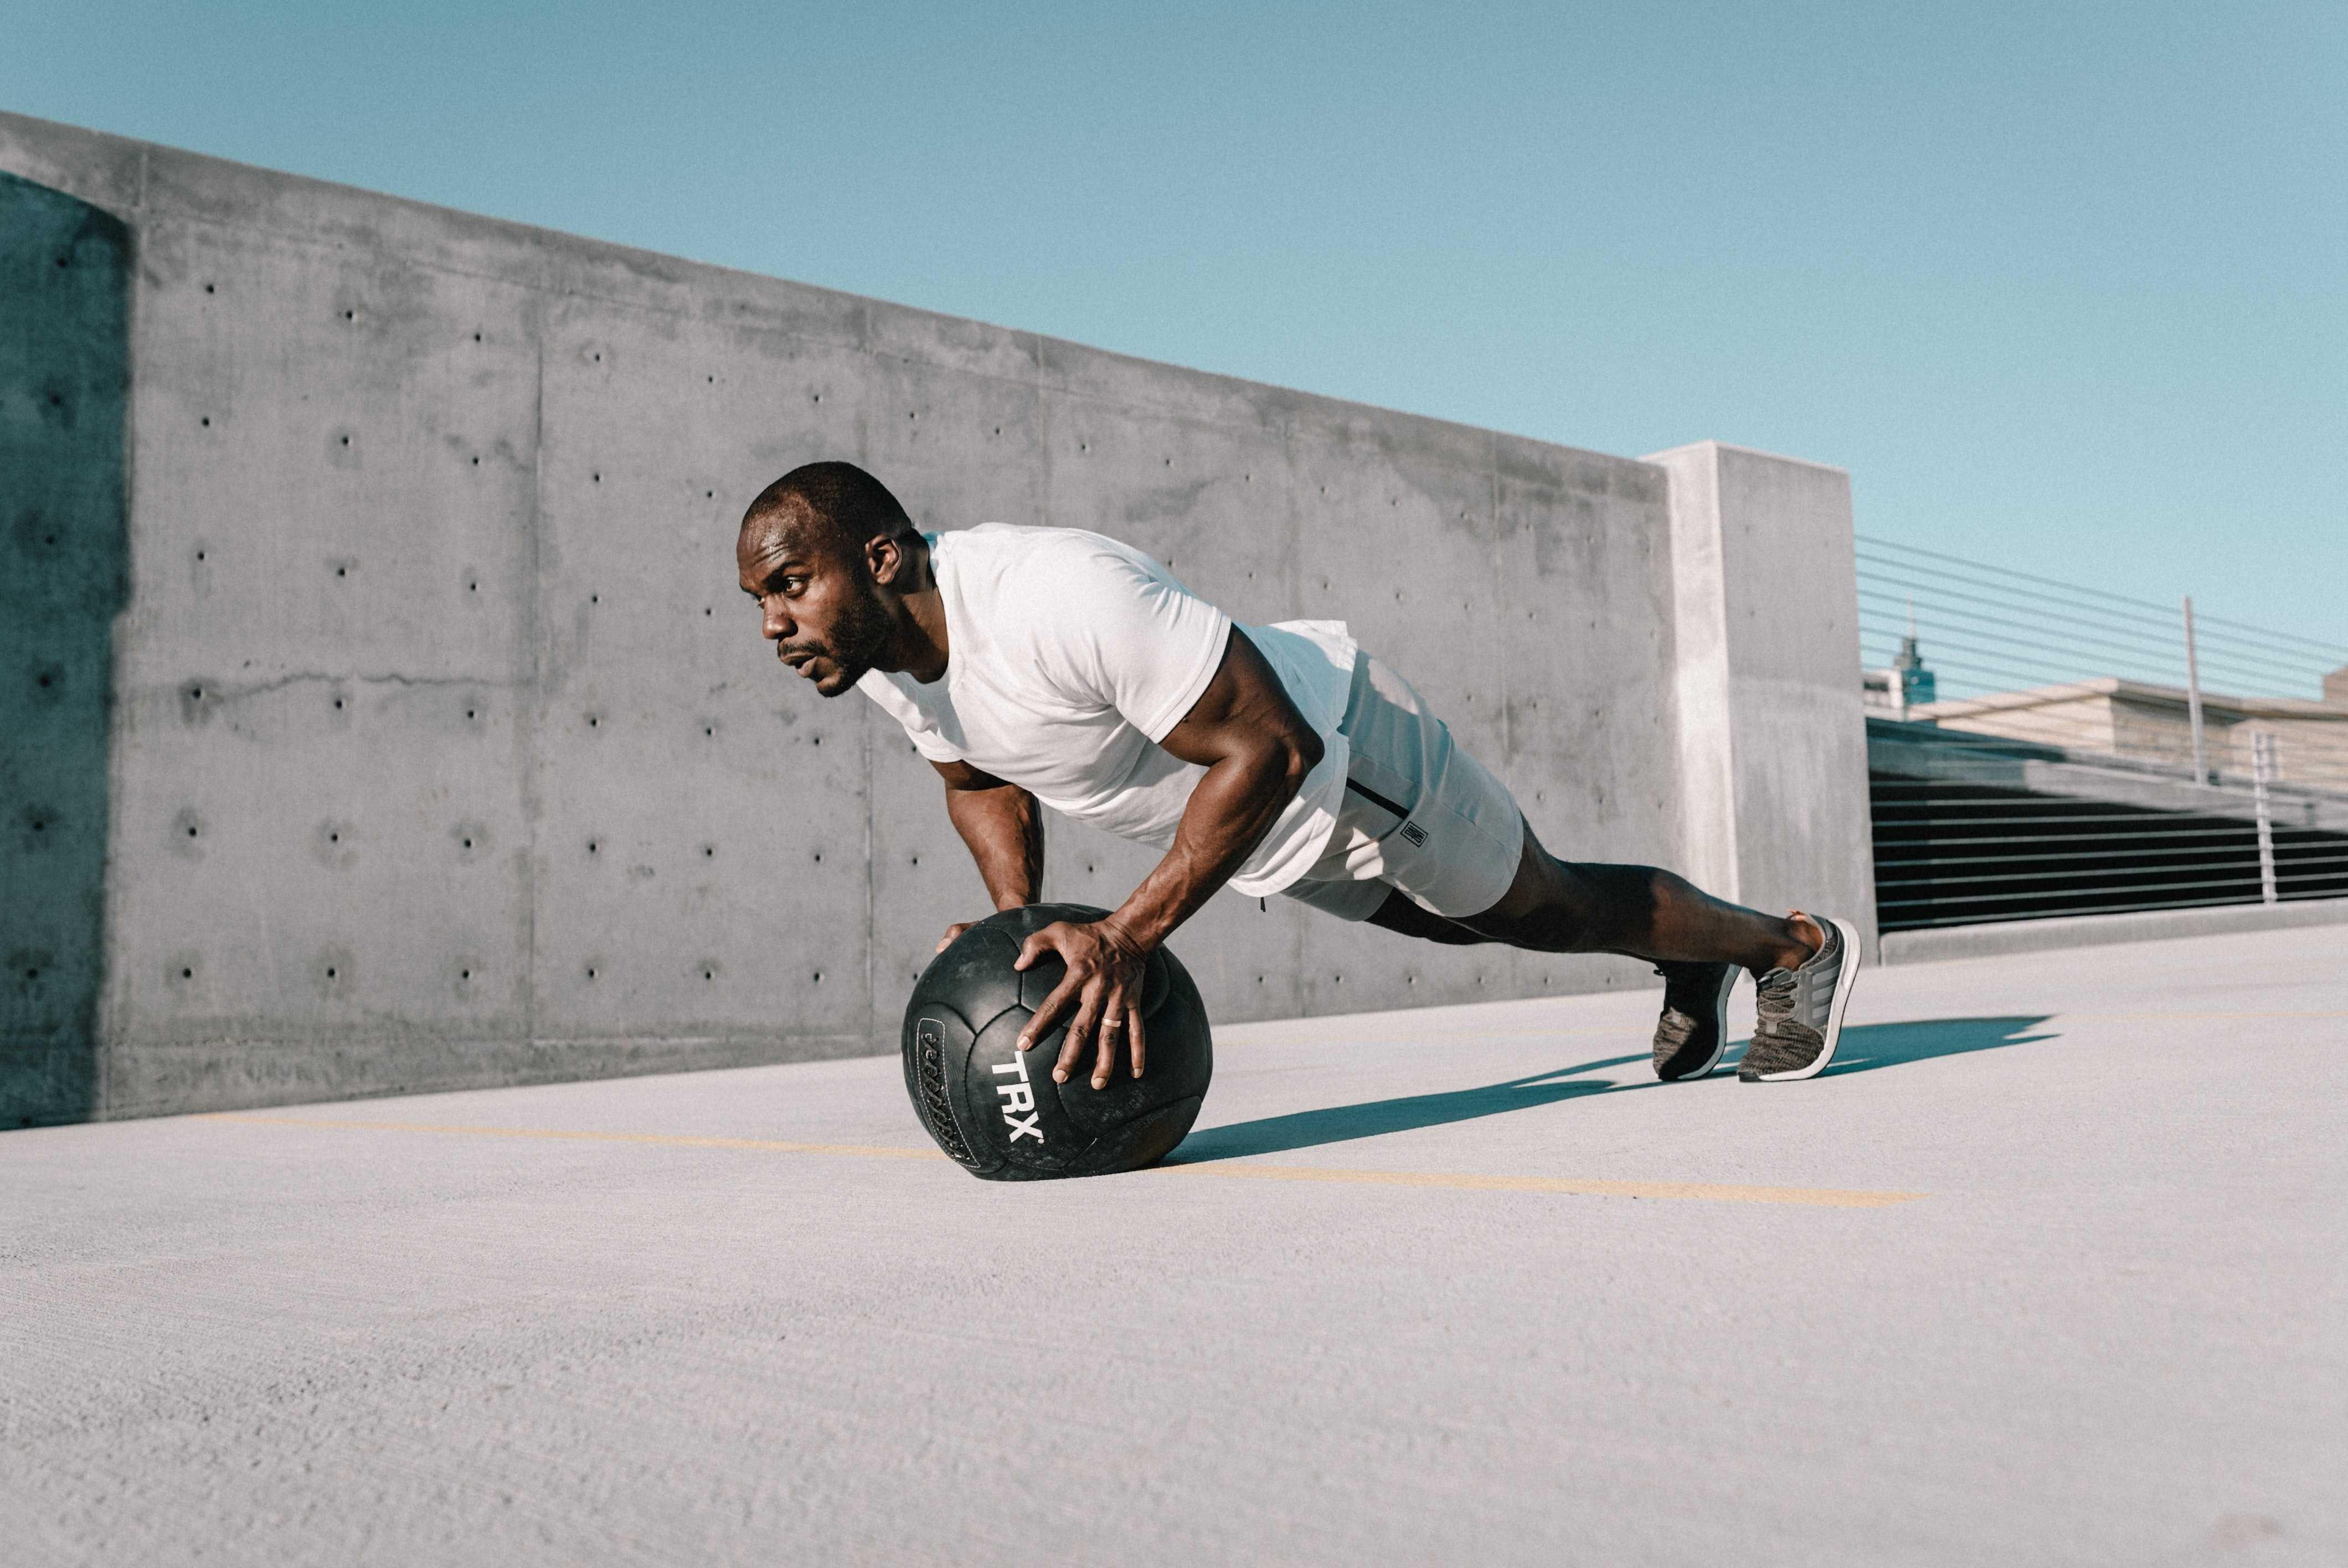 Se muscler facilement au poids du corps